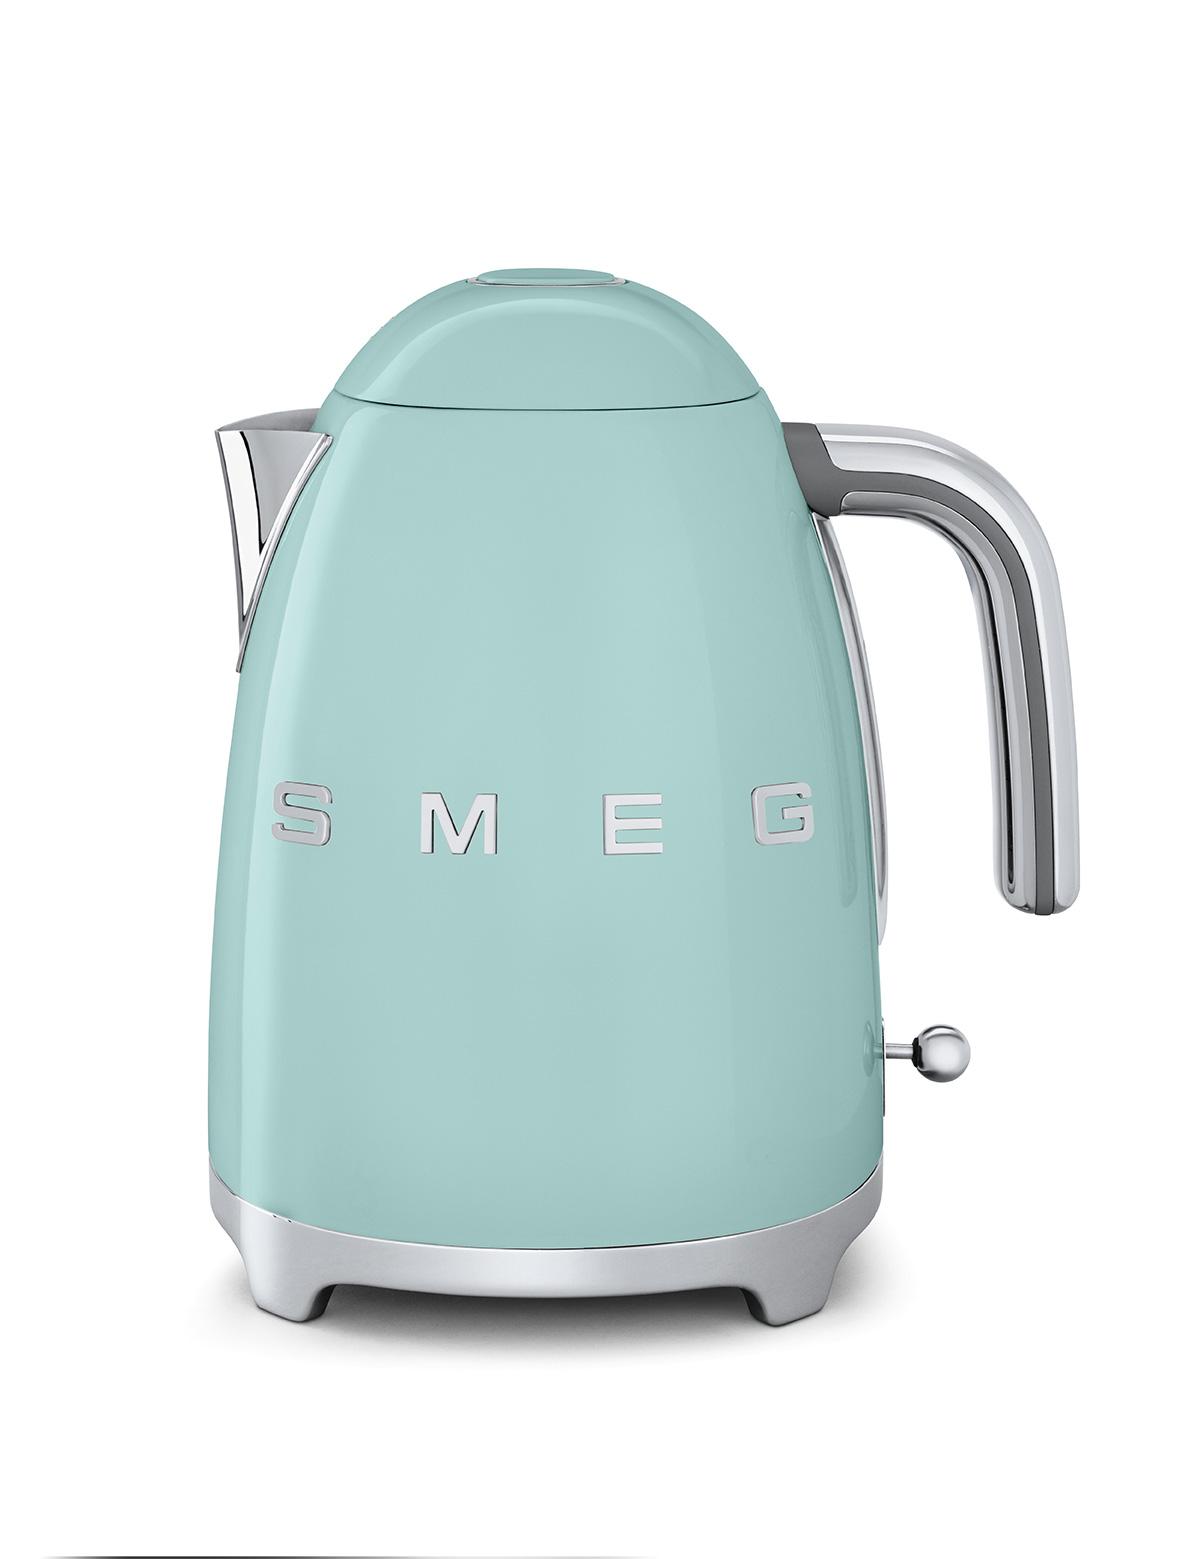 SMEG-Wasserkocher-mint